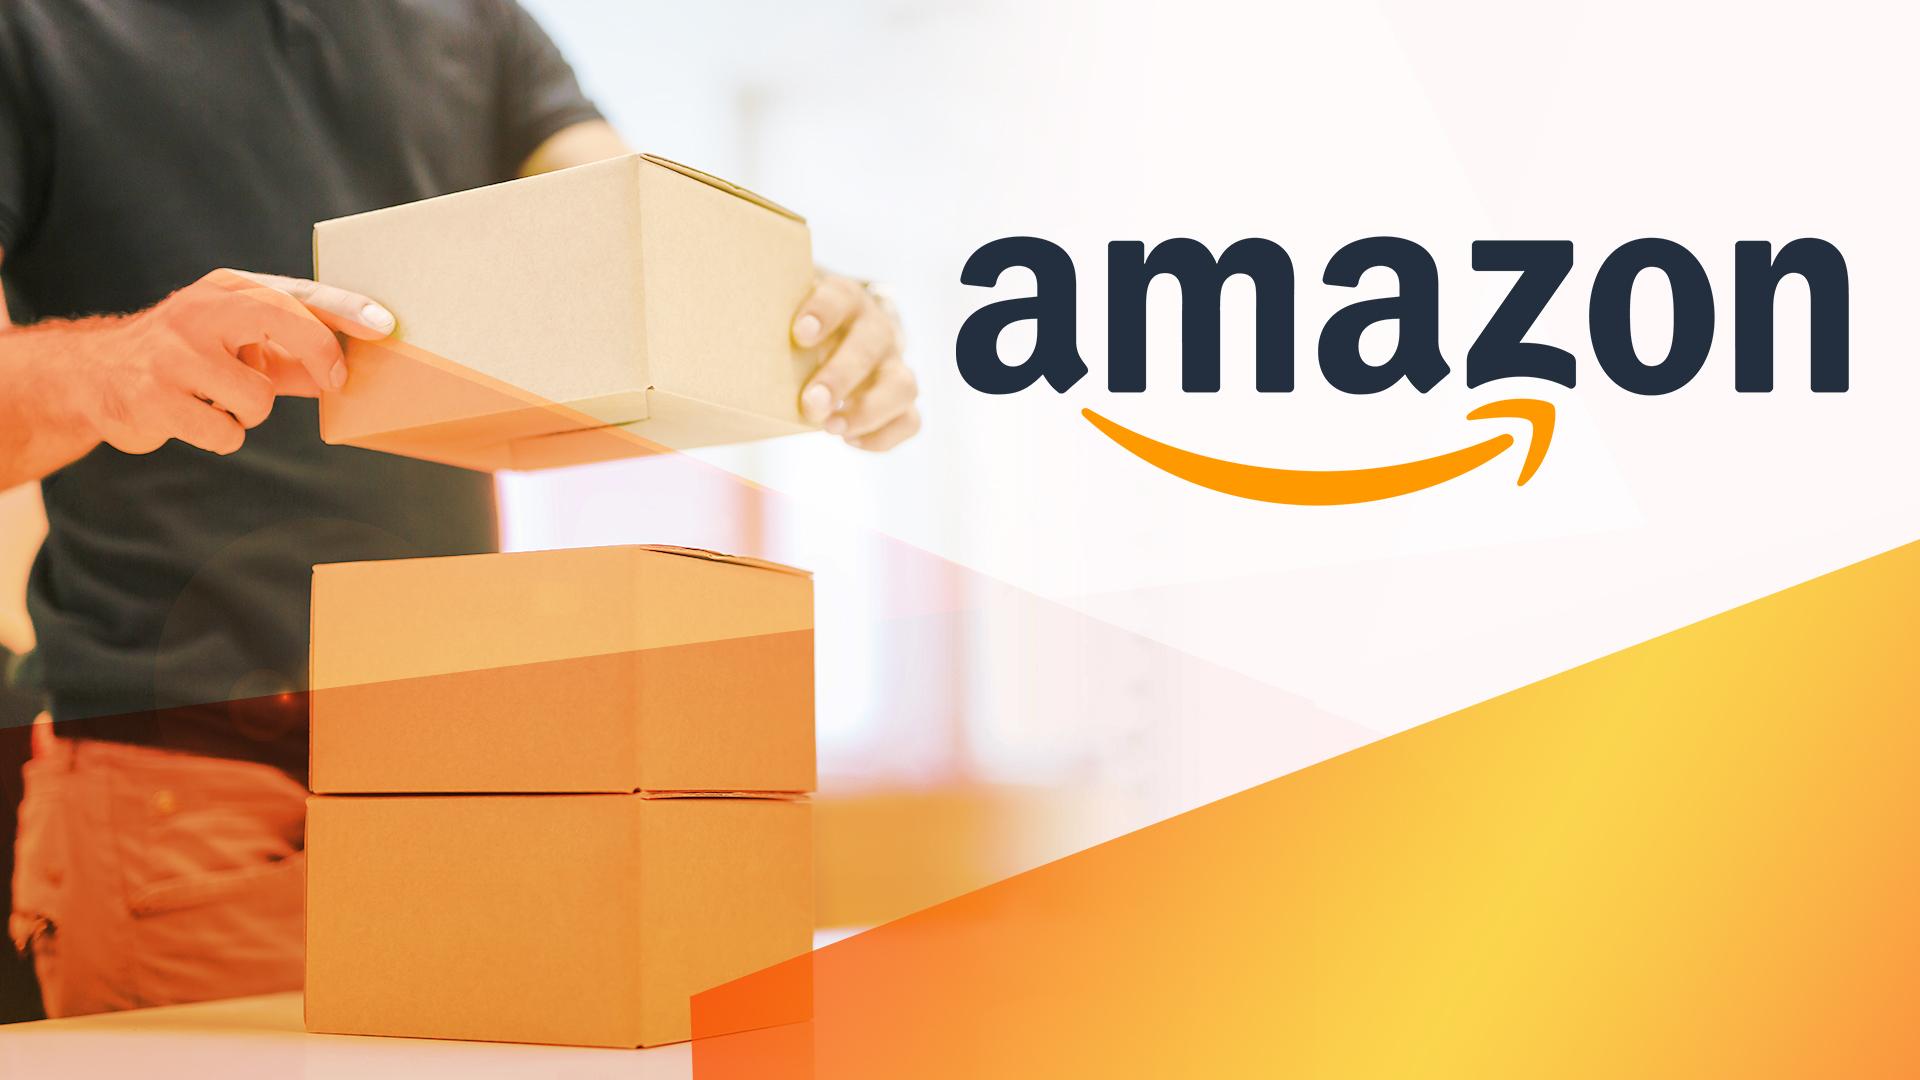 Amazon, E-Commerce, shopping, Logistik, Paket, Amazon Logo, Box, Pakete, Paketdienst, Paketzusteller, Postbote, Briefbote, Bote